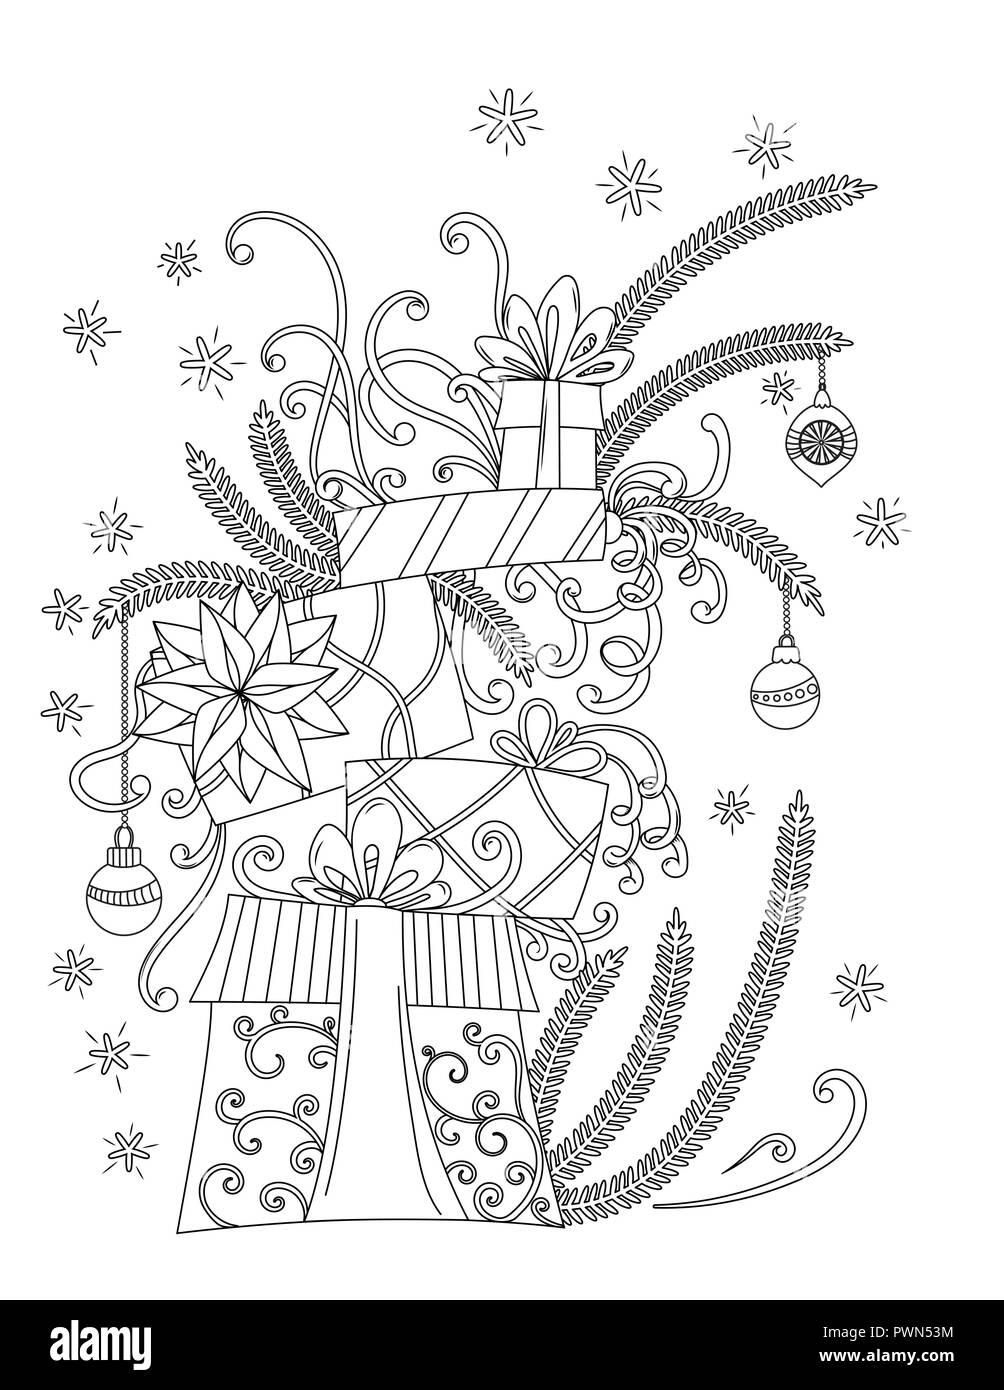 Disegni Di Natale Da Colorare Per Adulti.Libro Da Colorare Per Adulti Immagini Libro Da Colorare